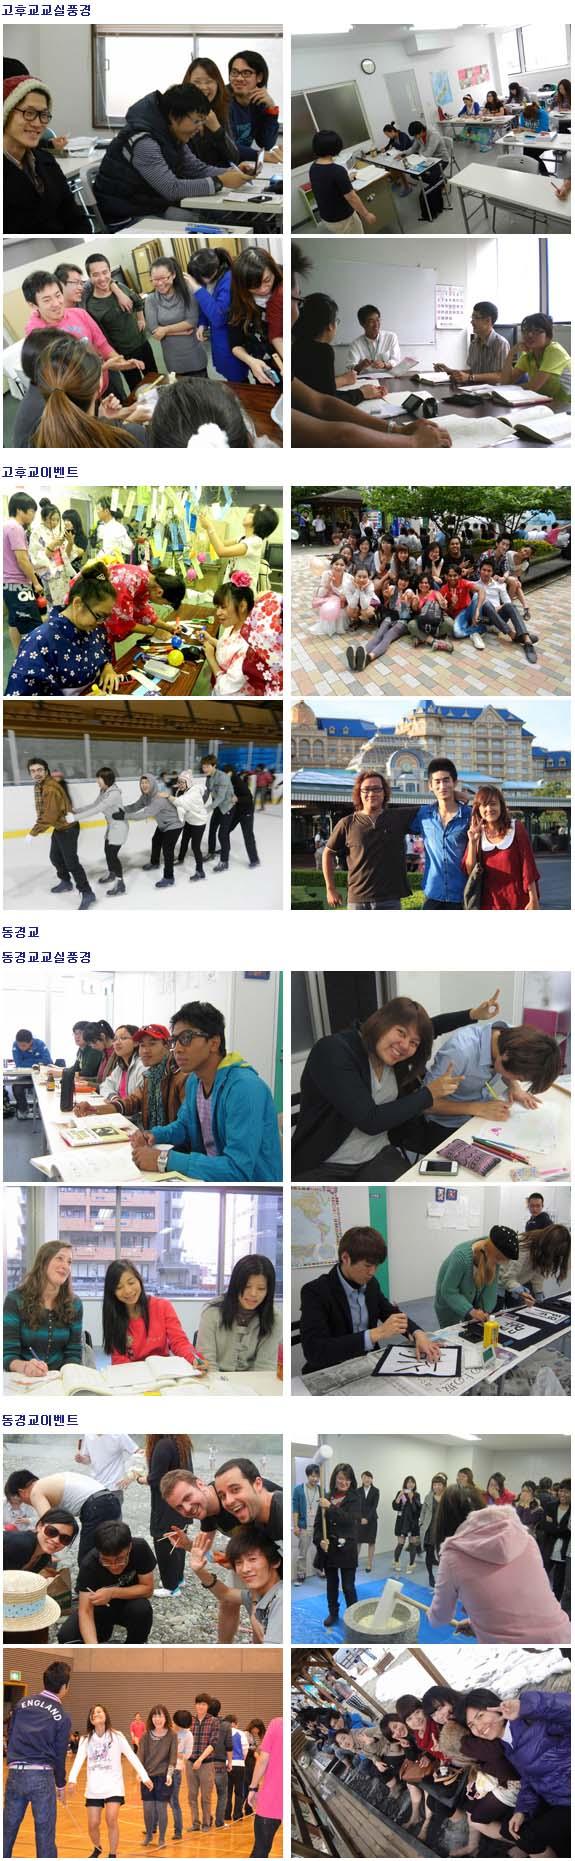 이찌방유학 유니타스일본어학교 5.jpg